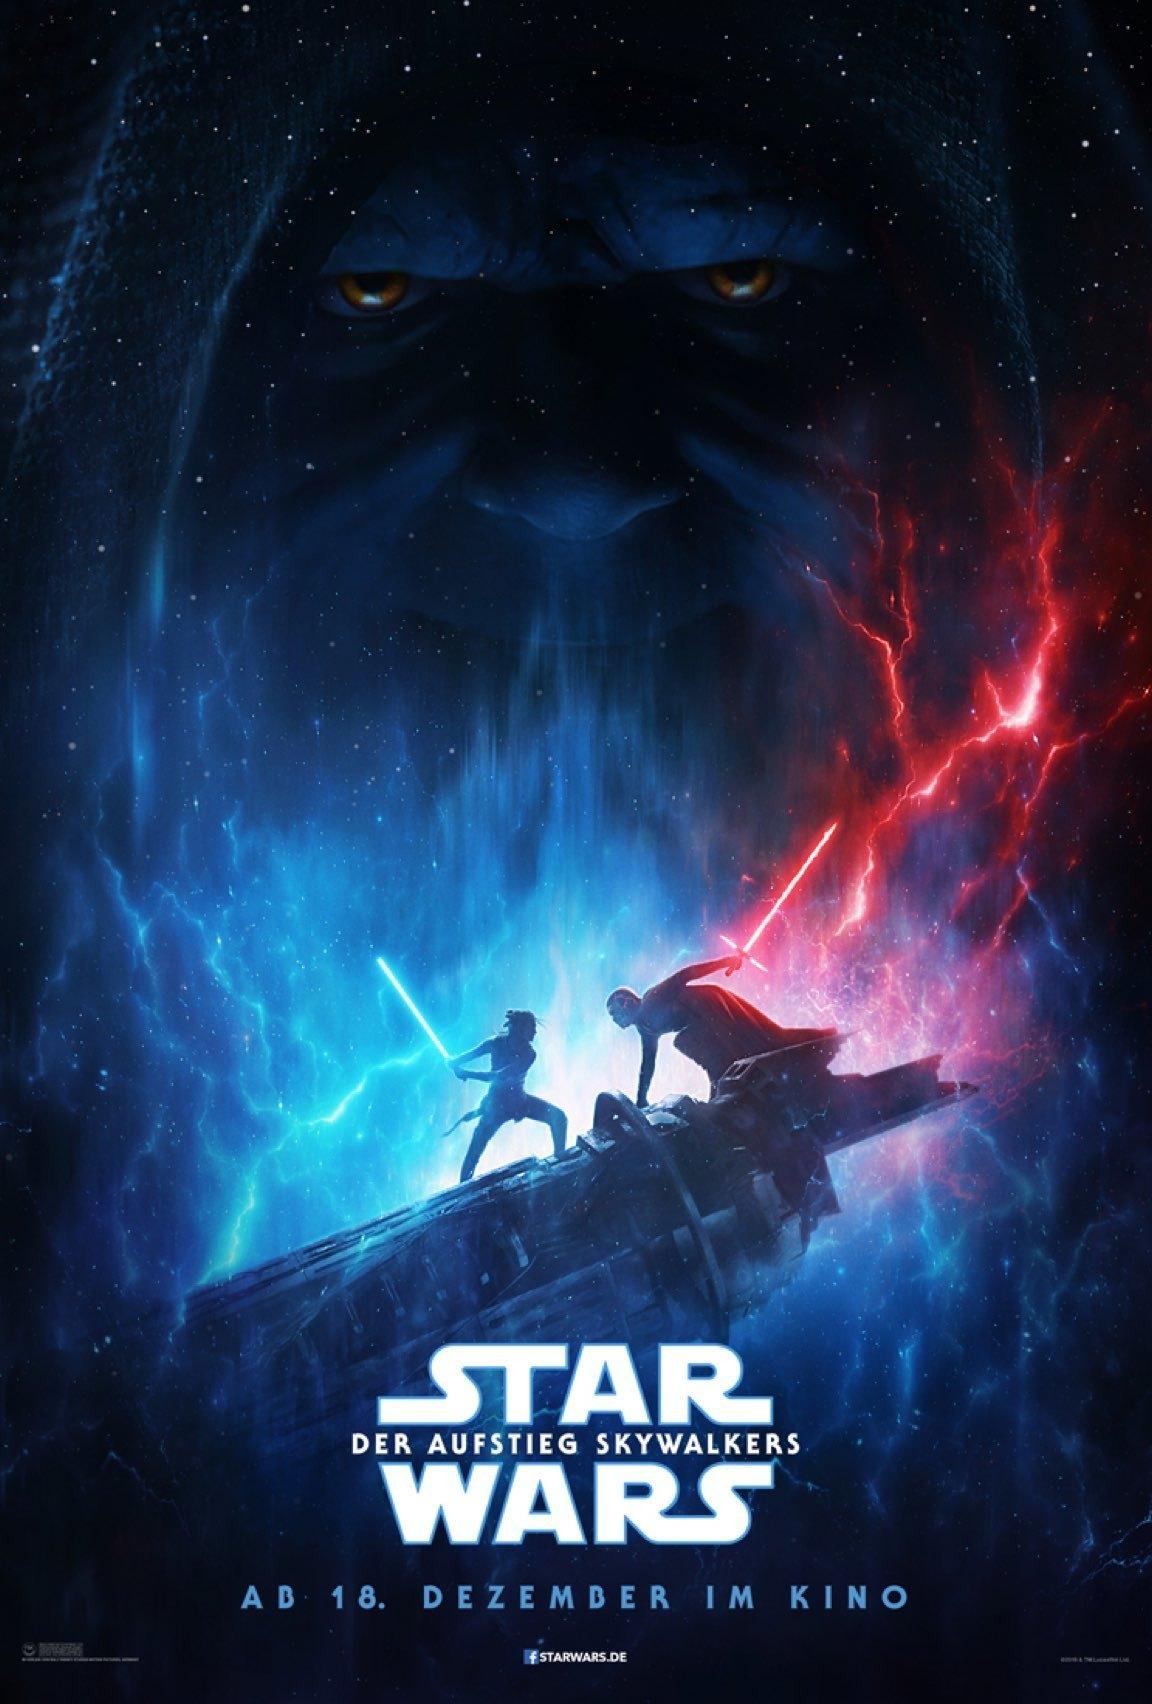 Poster mit Rey und Kylo Ren bei einem Kampf mit Lichtschwertern, dazu das Gesicht von Imperator Palpatine im Hintergrund